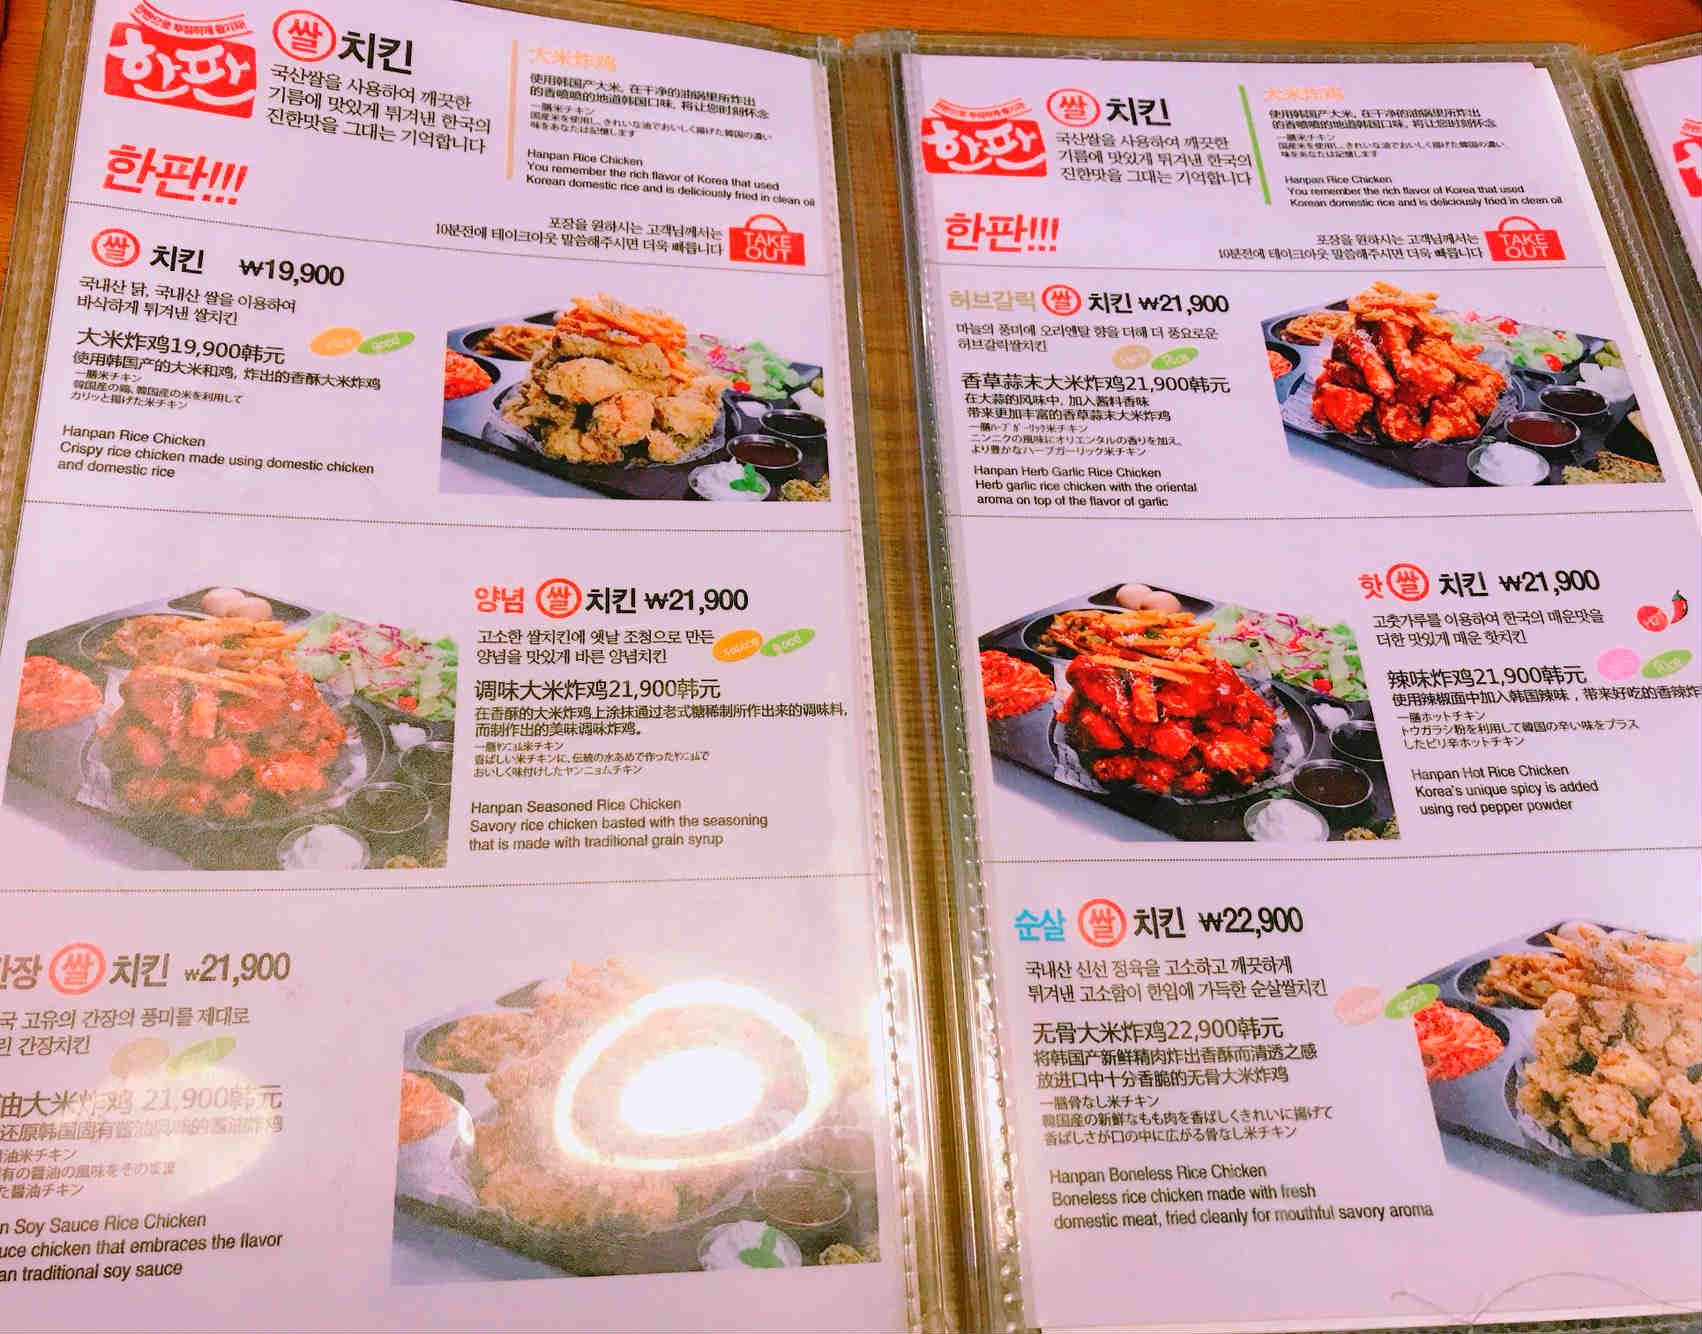 炸雞的口味非常多元,而且菜單裡都有中英文註記,就算不會韓文,也能毫無負擔地點餐。